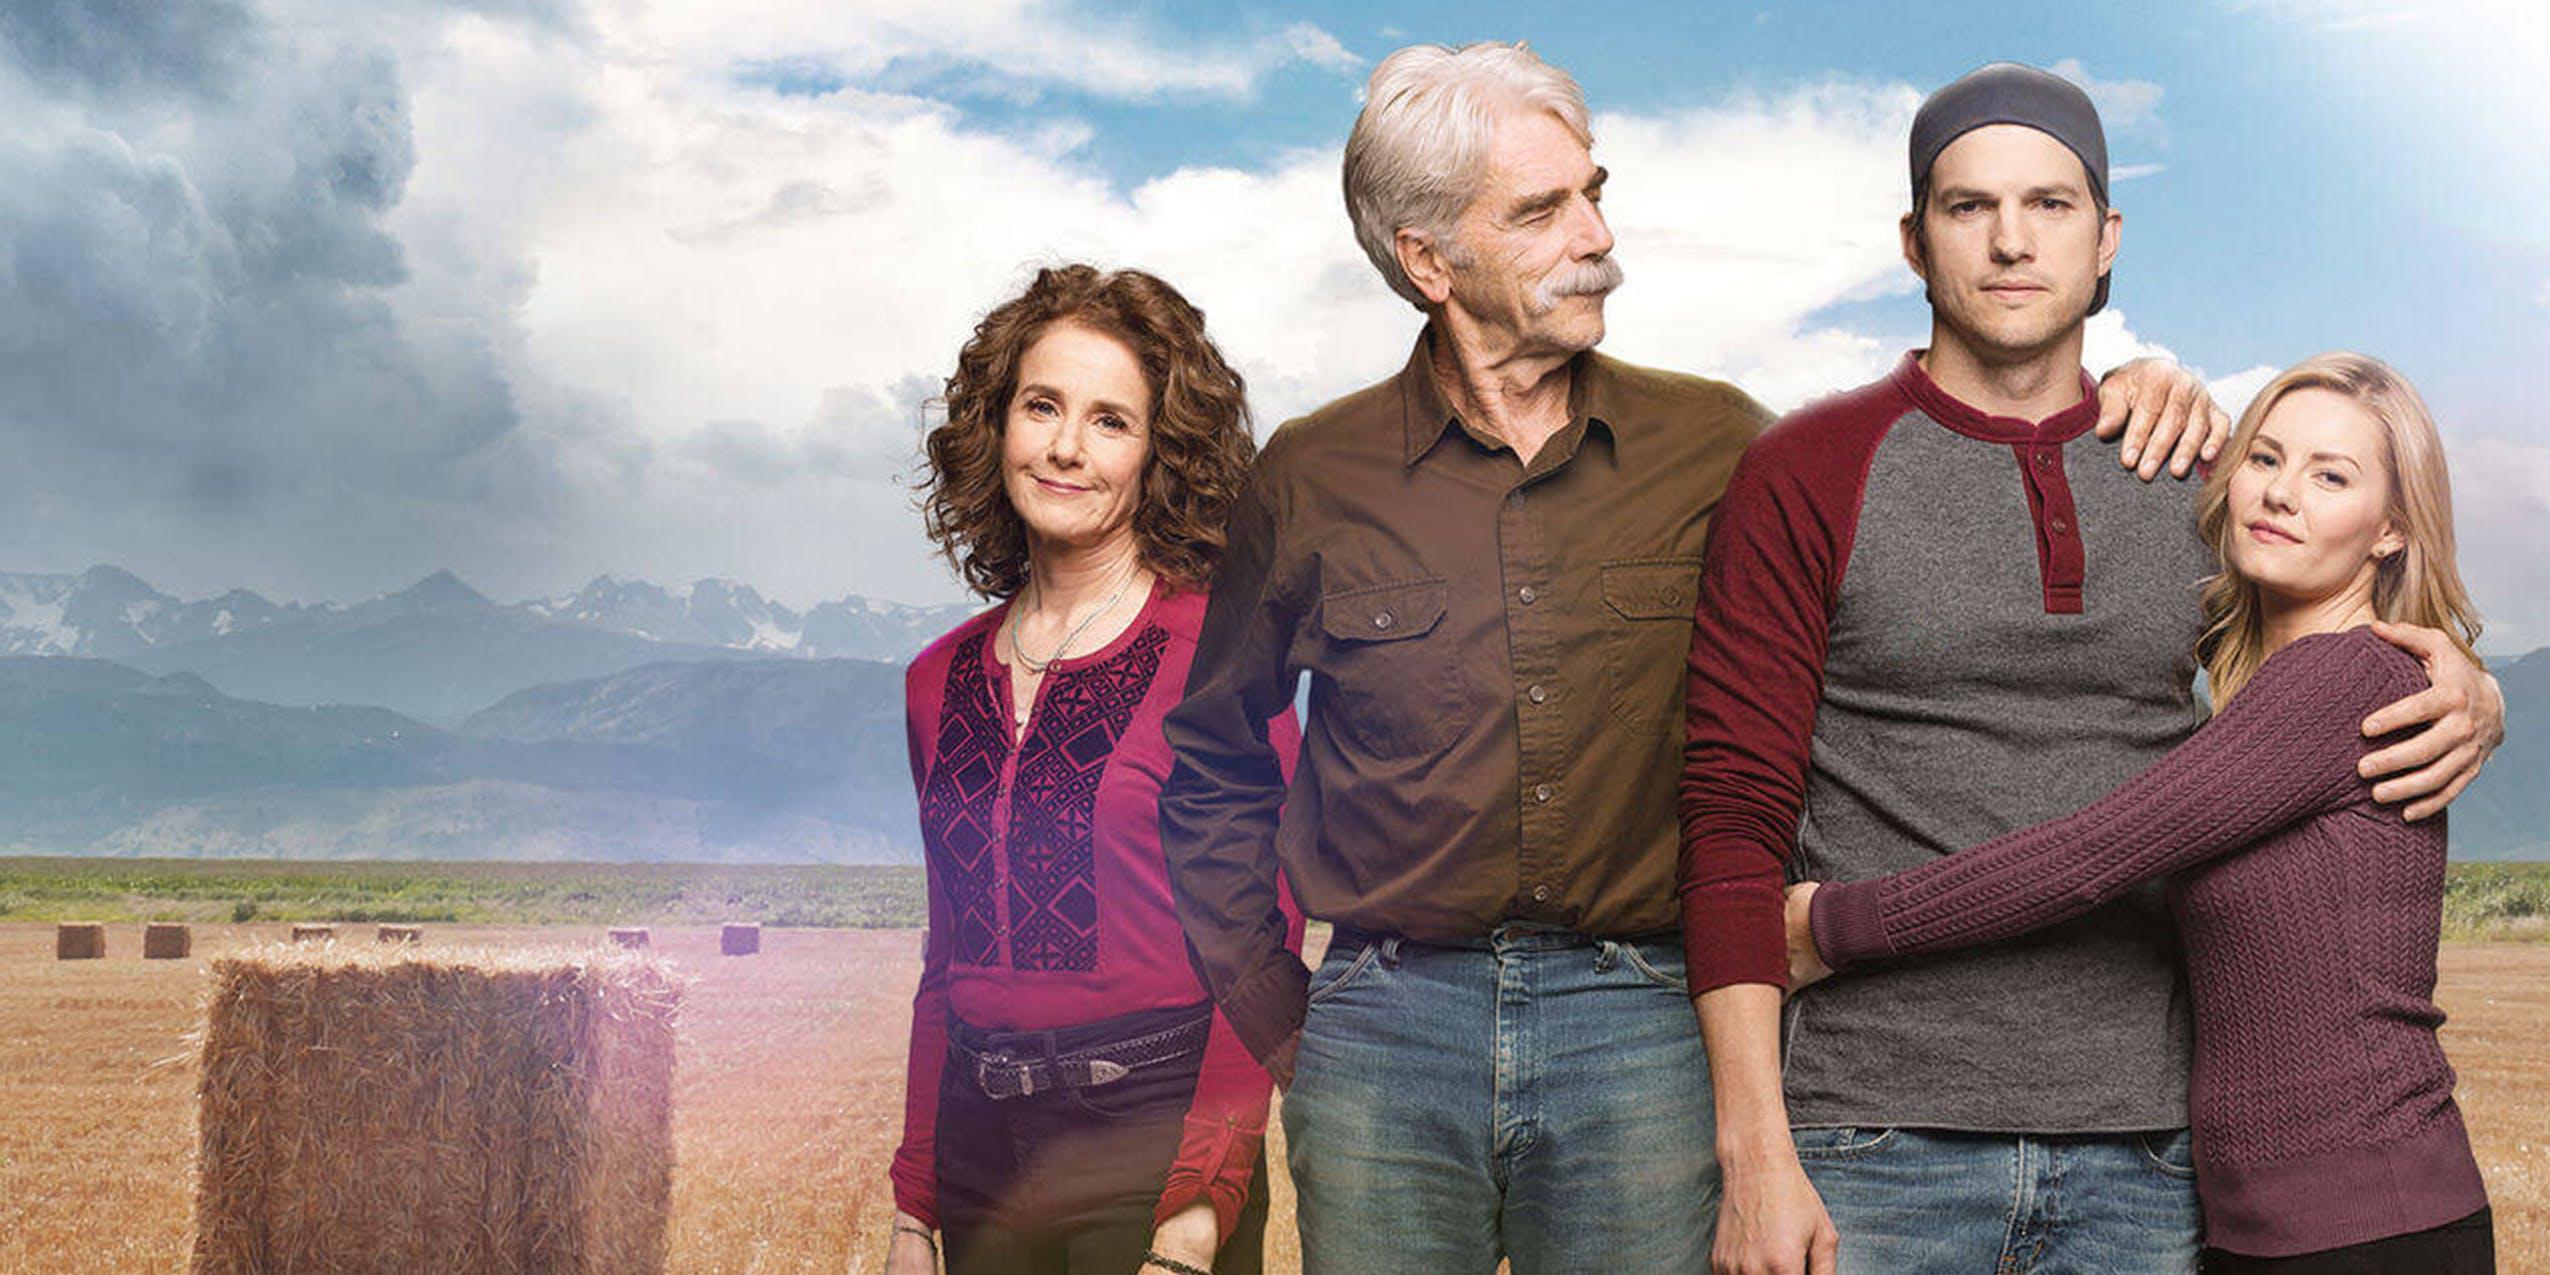 the ranch Netflix original series